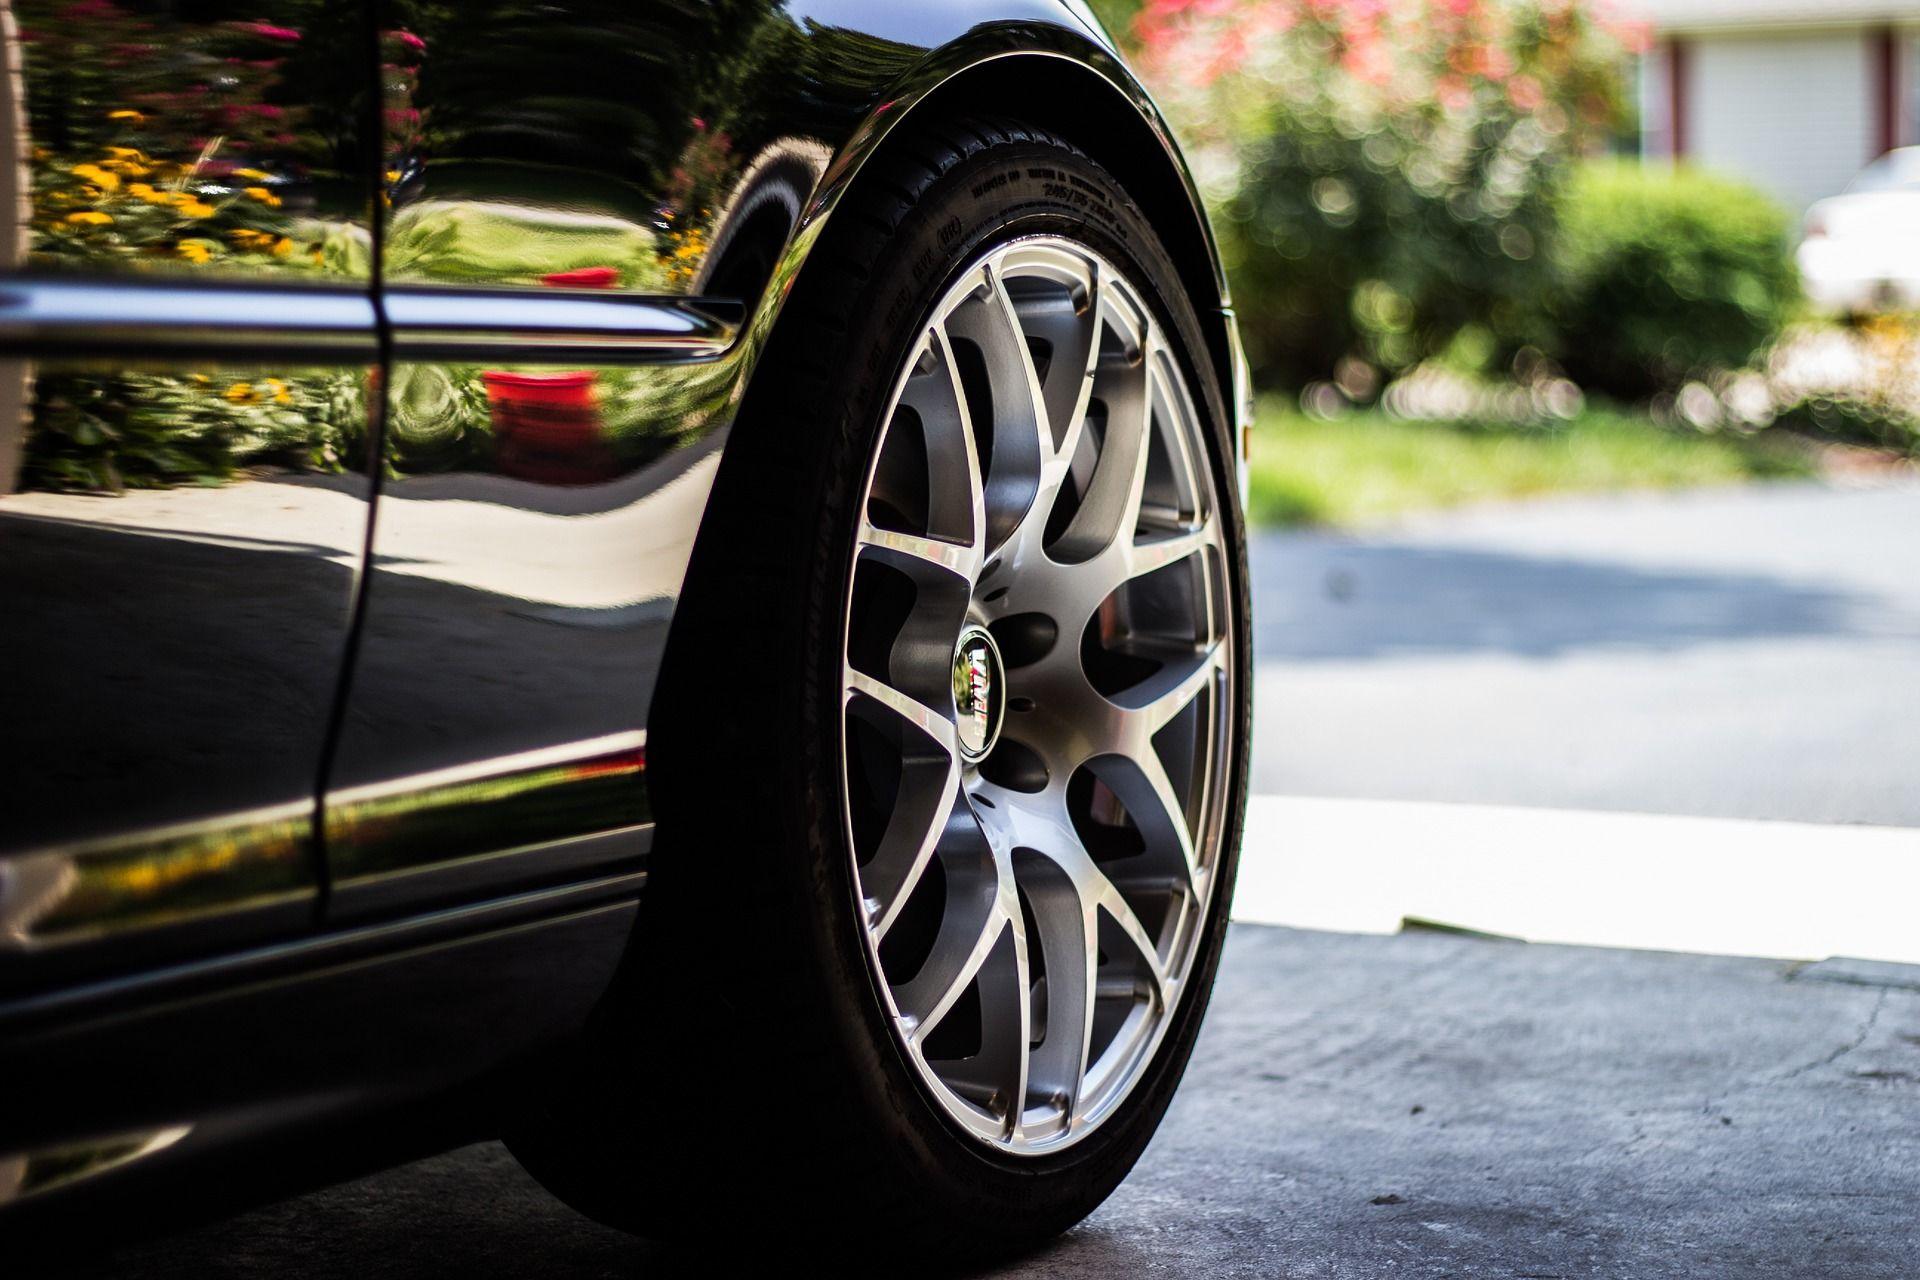 5 puntos a revisar en tu vehículo antes de salir de viaje